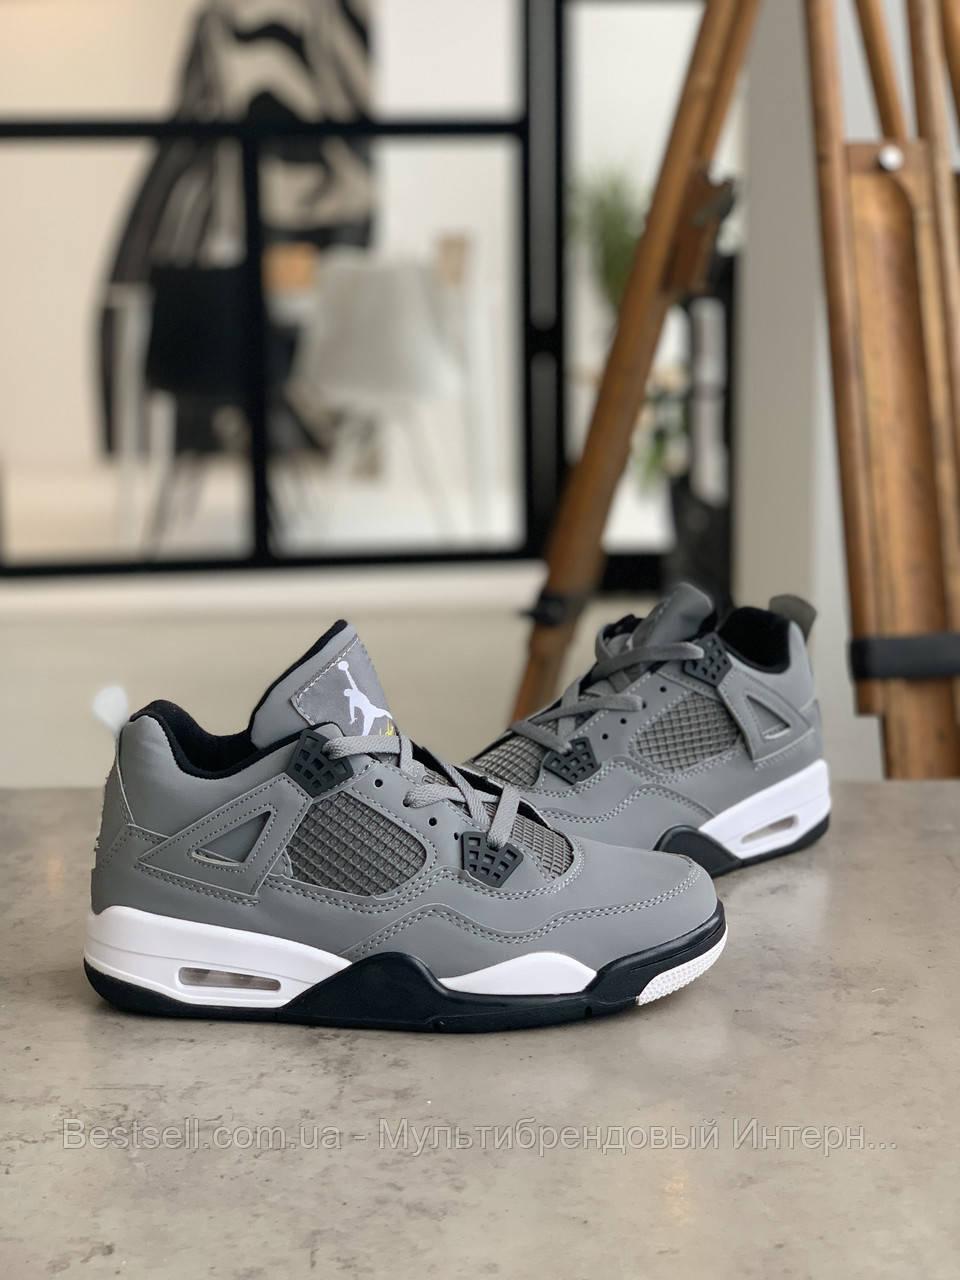 Кросівки Nike Air Jordan 4 Grey Найк Аїр Джордан 4 Сірі (42,44)